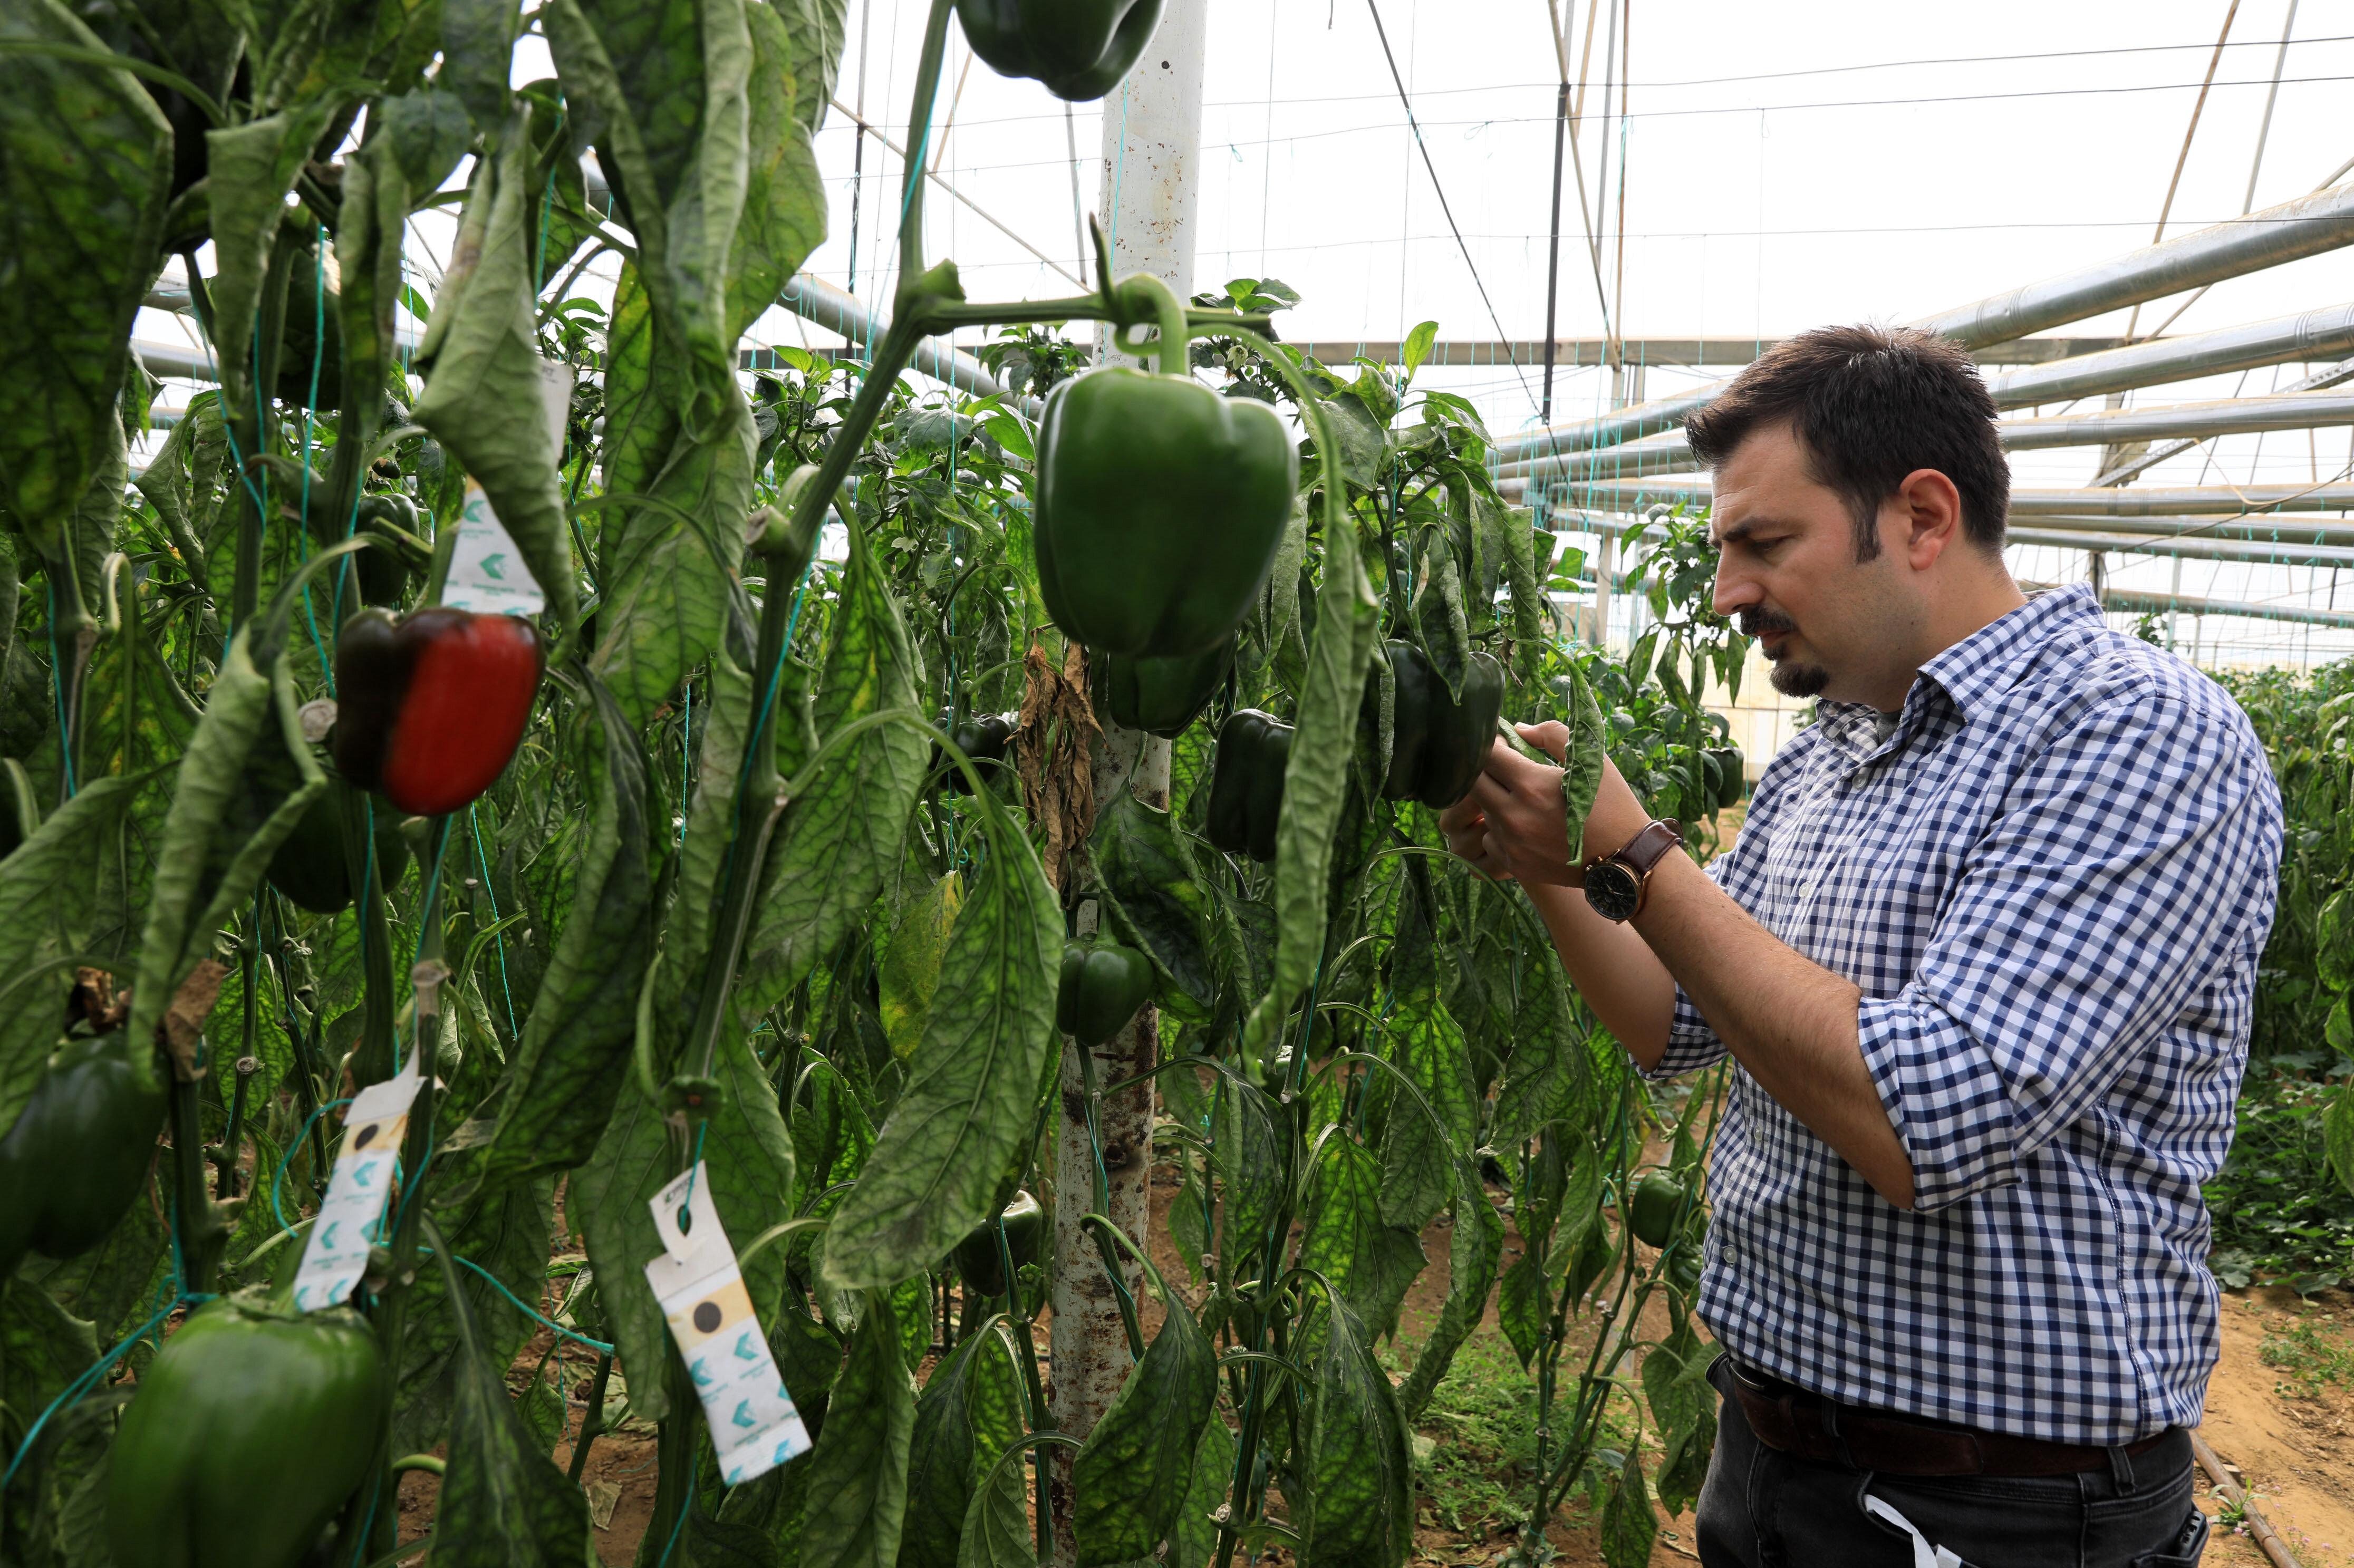 Antalya'da üretilen ürünler hem iç piyasaya sunuluyor hem de ihraç ediliyor.